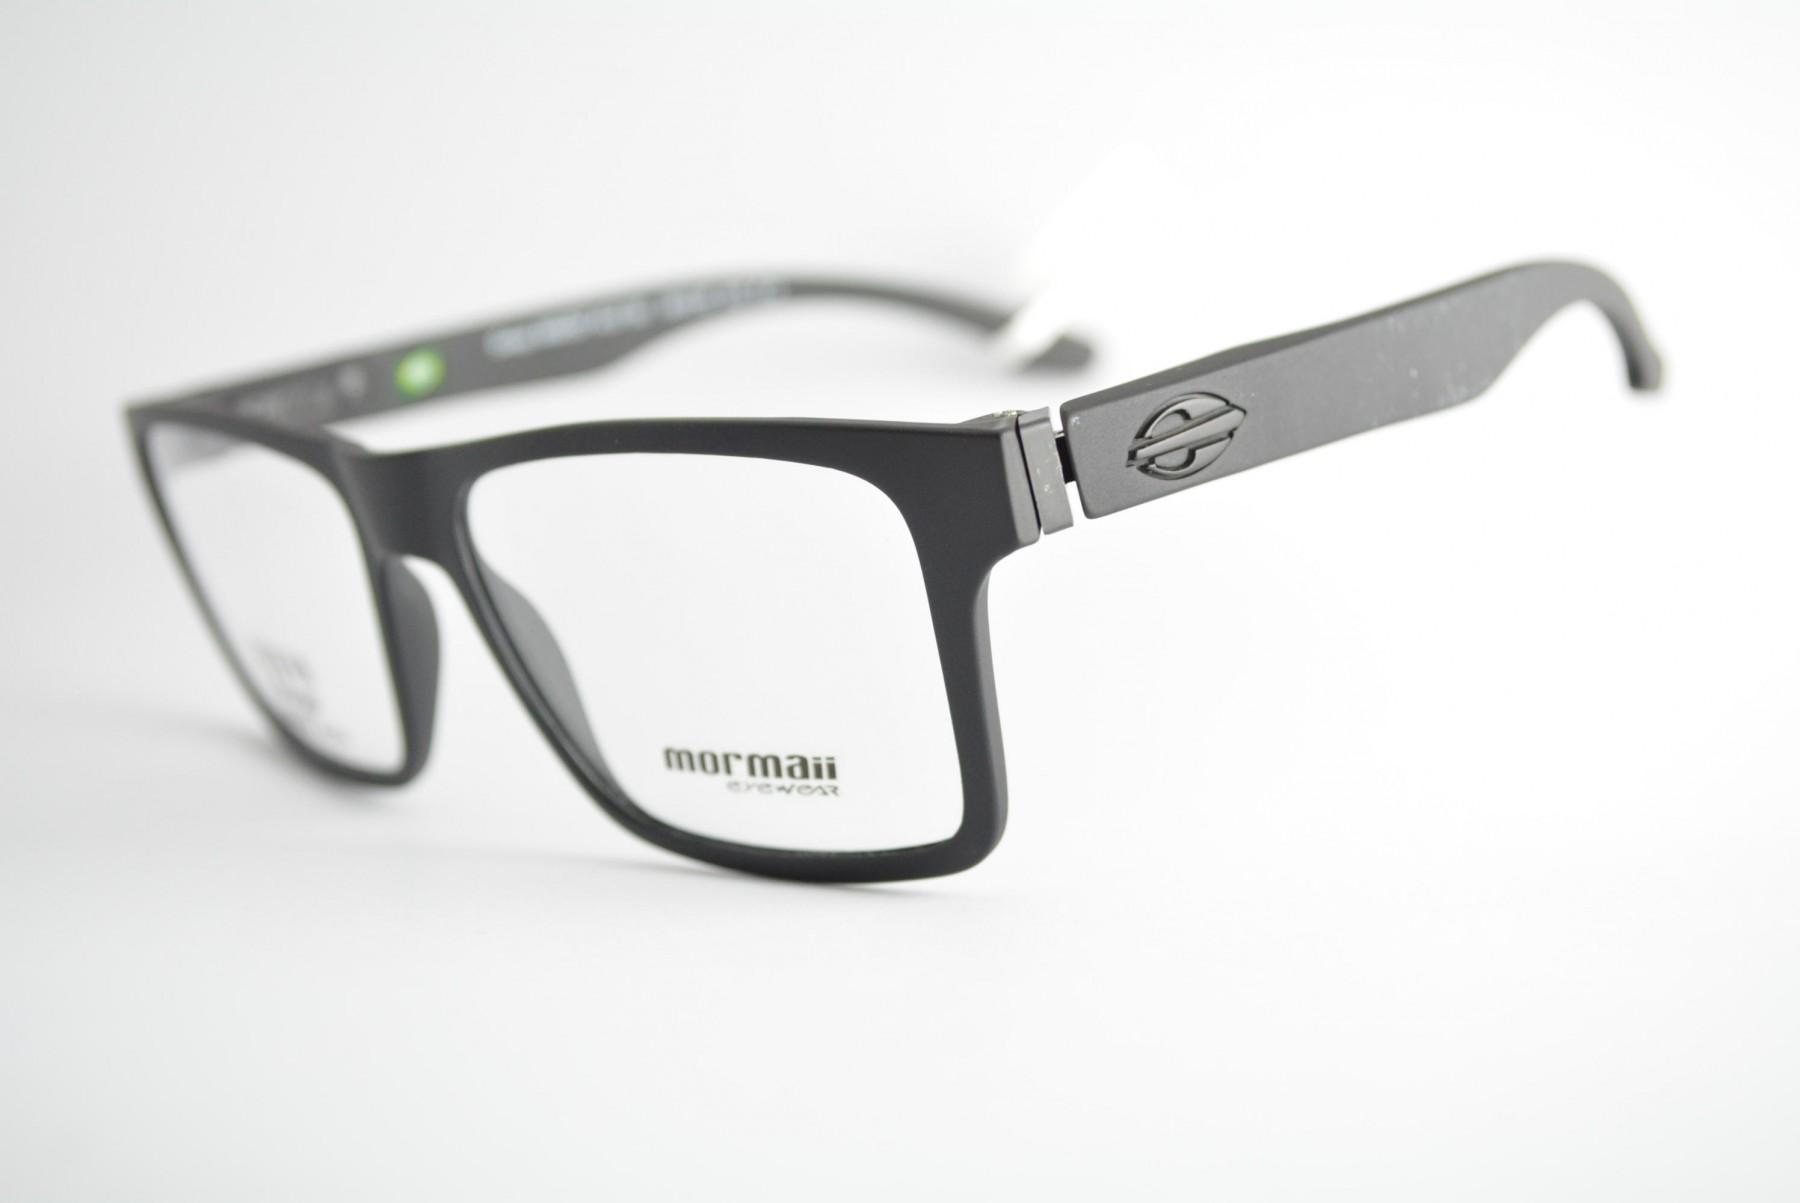 armação de óculos Mormaii mod Swap m6057 ace56. Código  m6057 ace56 1fd7039417